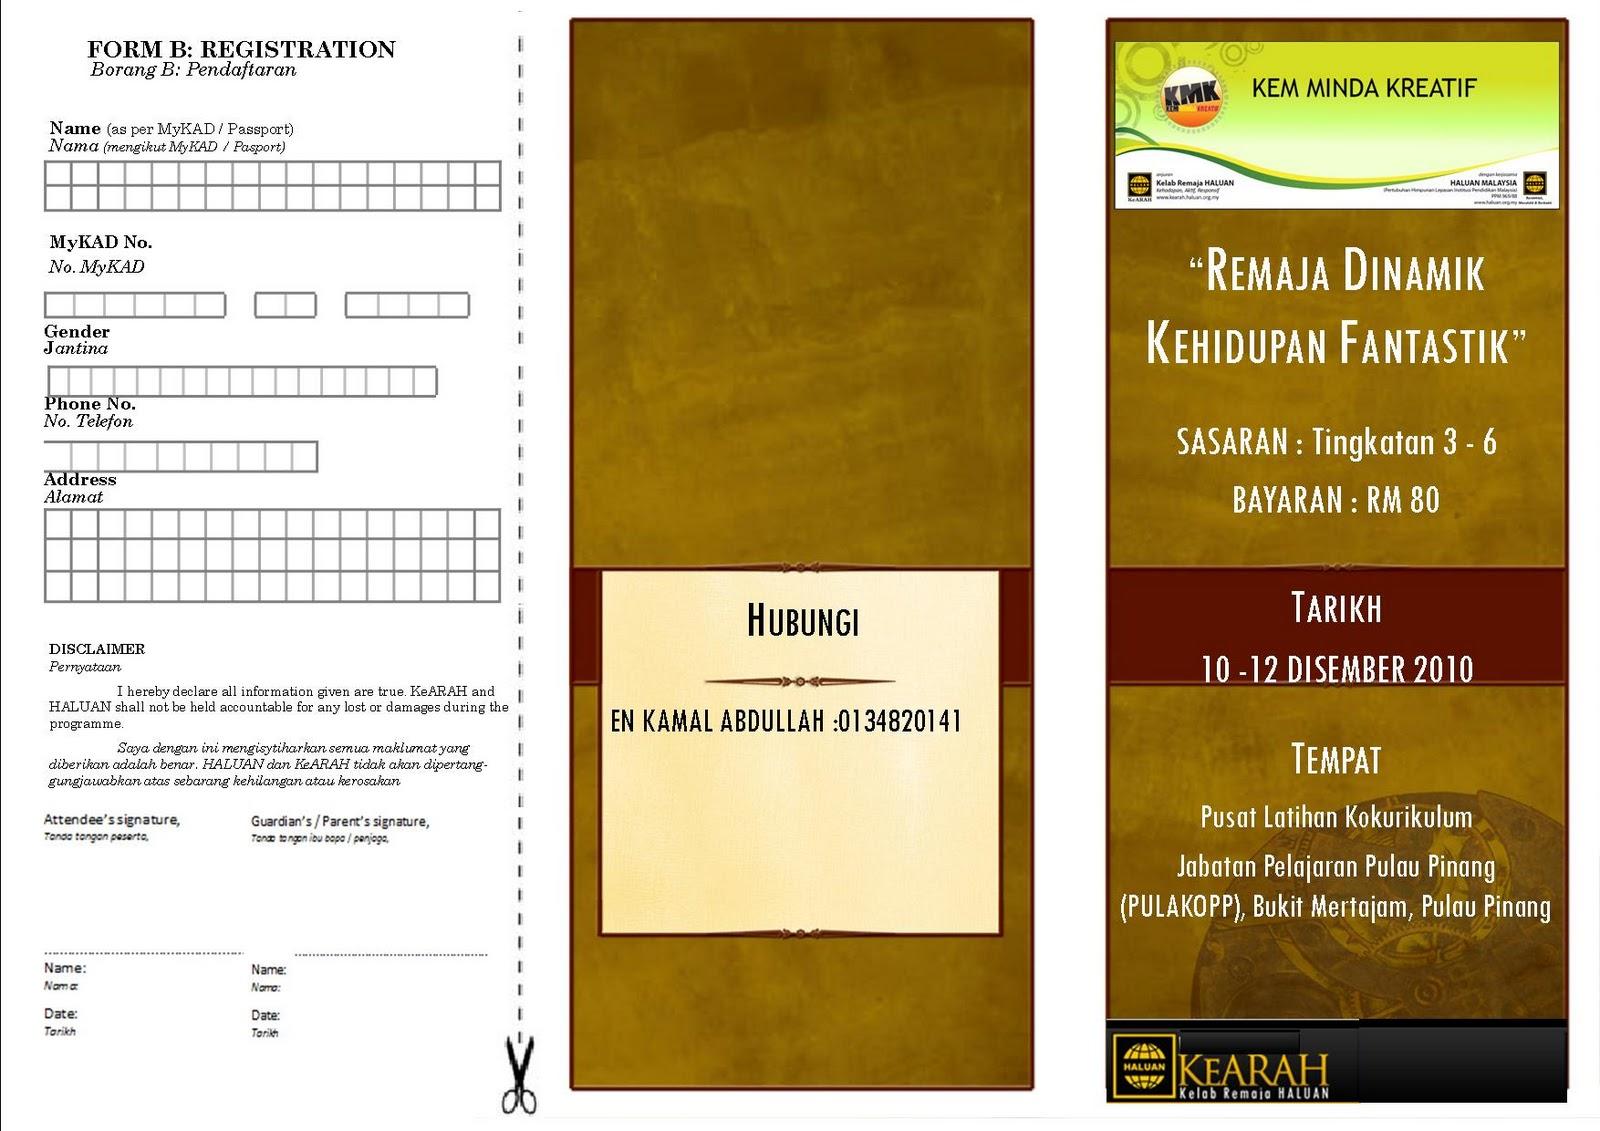 Ni contoh brochure KMK 2010 di Penang :